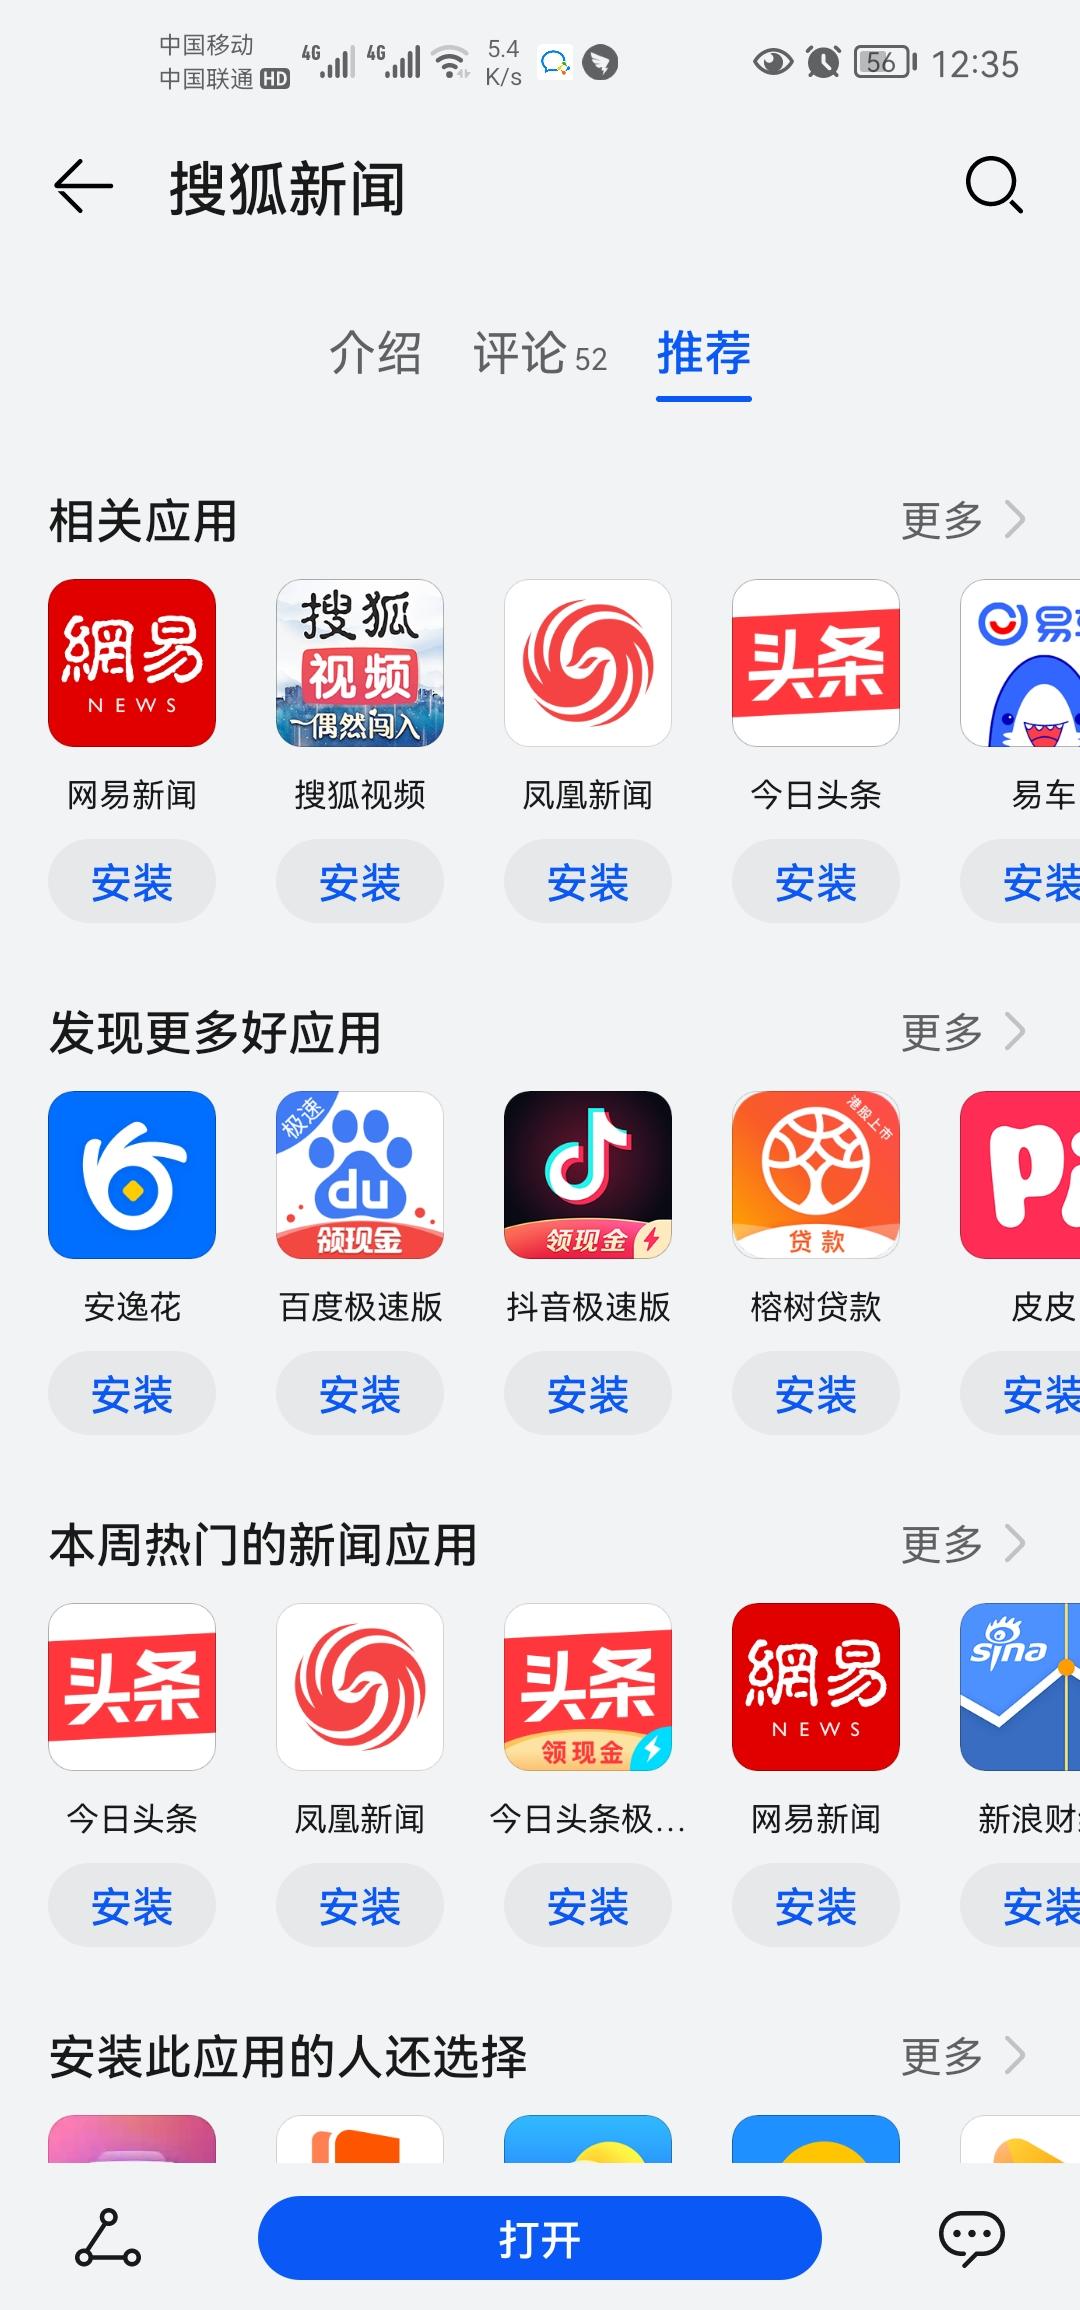 Screenshot_20210918_123532_com.huawei.appmarket.jpg